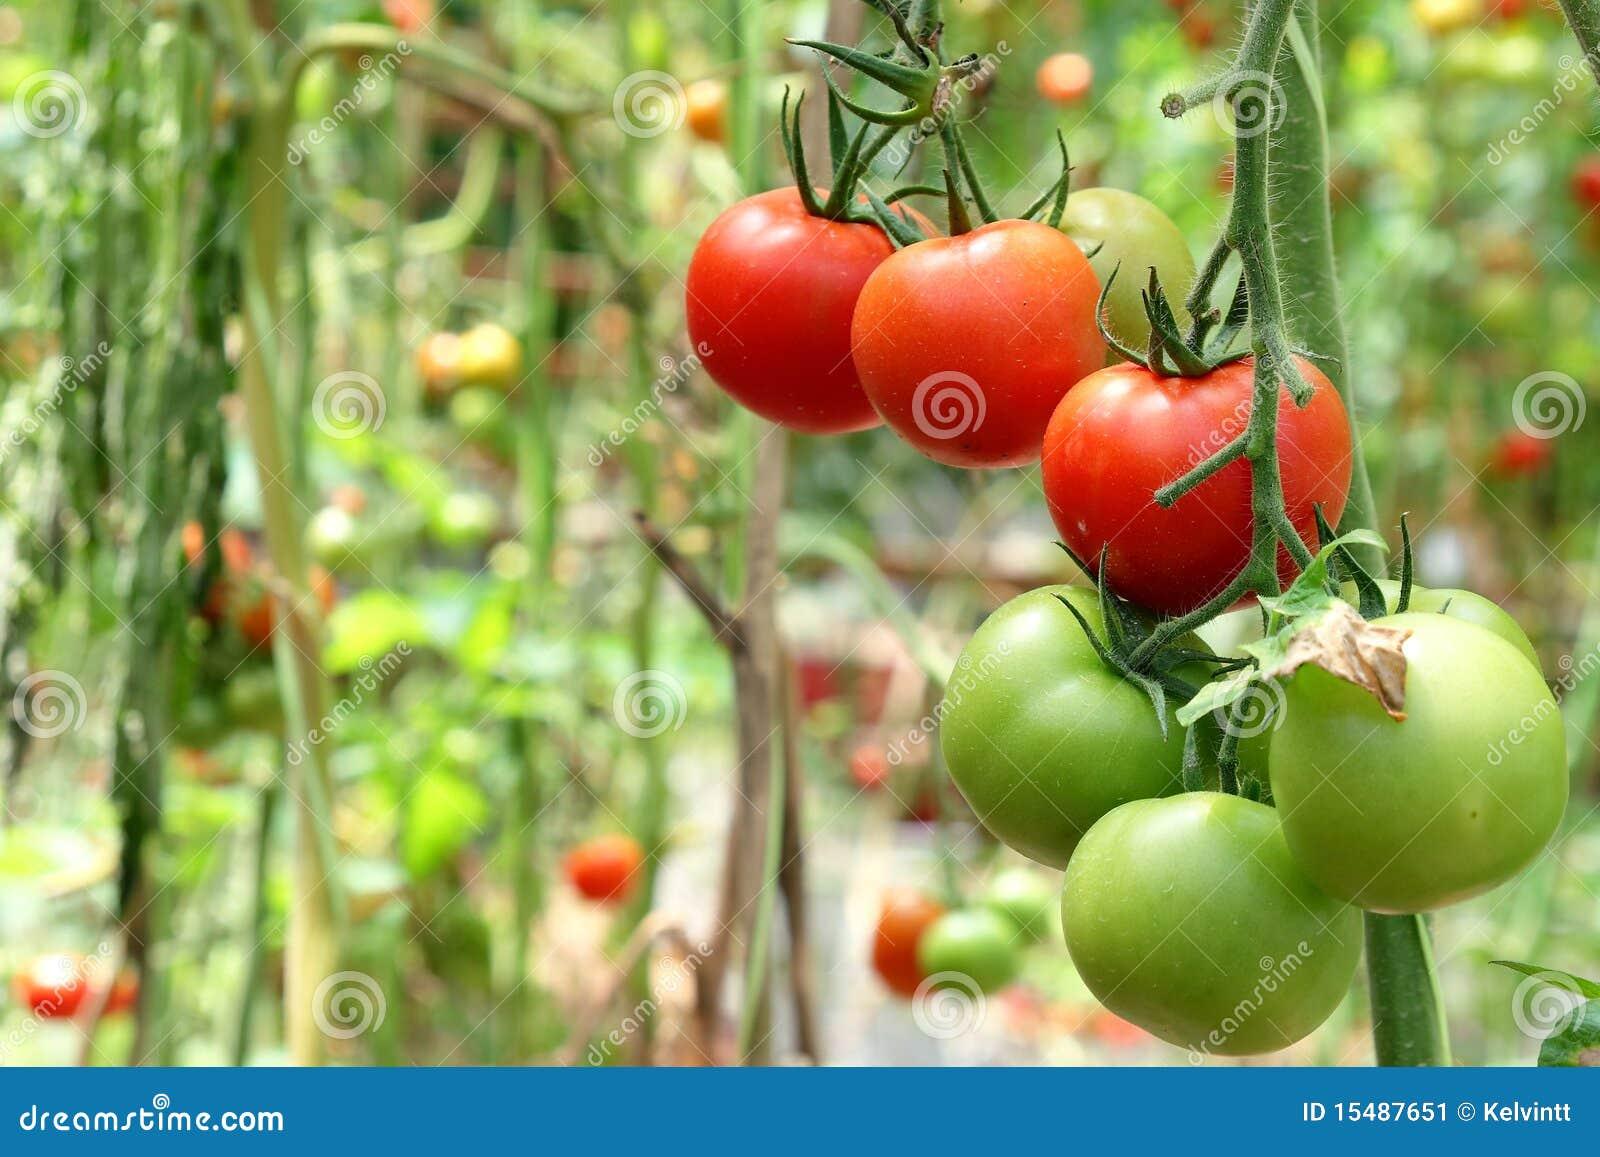 Tomatoes on Tree